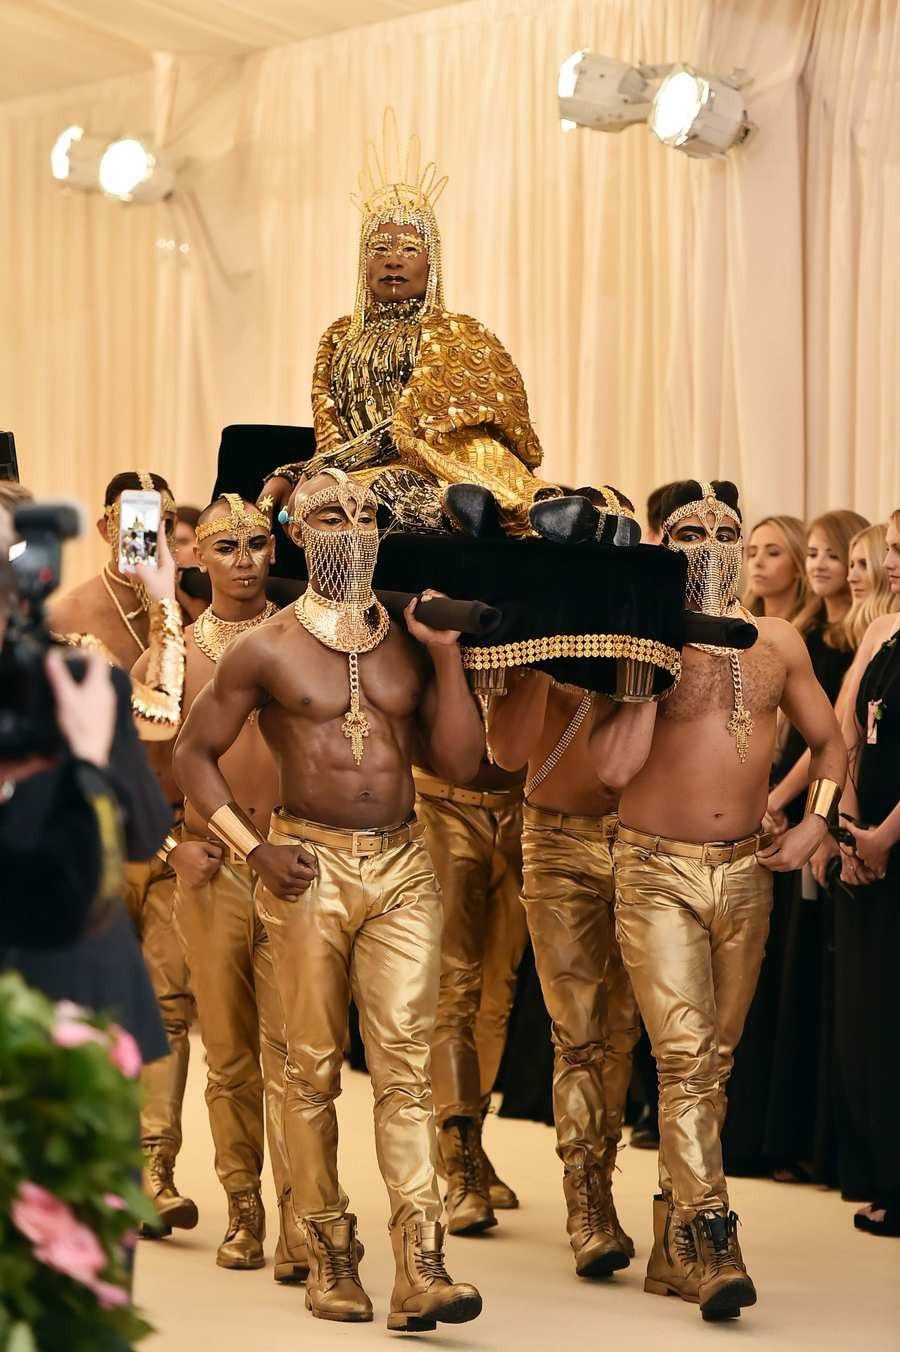 Met Gala 2019: Khó ai chơi lớn bằng Lady Gaga, Katy Perry hóa đèn chùm nhưng chặt chém không kém là nam nhân dát vàng nằm kiệu - Ảnh 6.